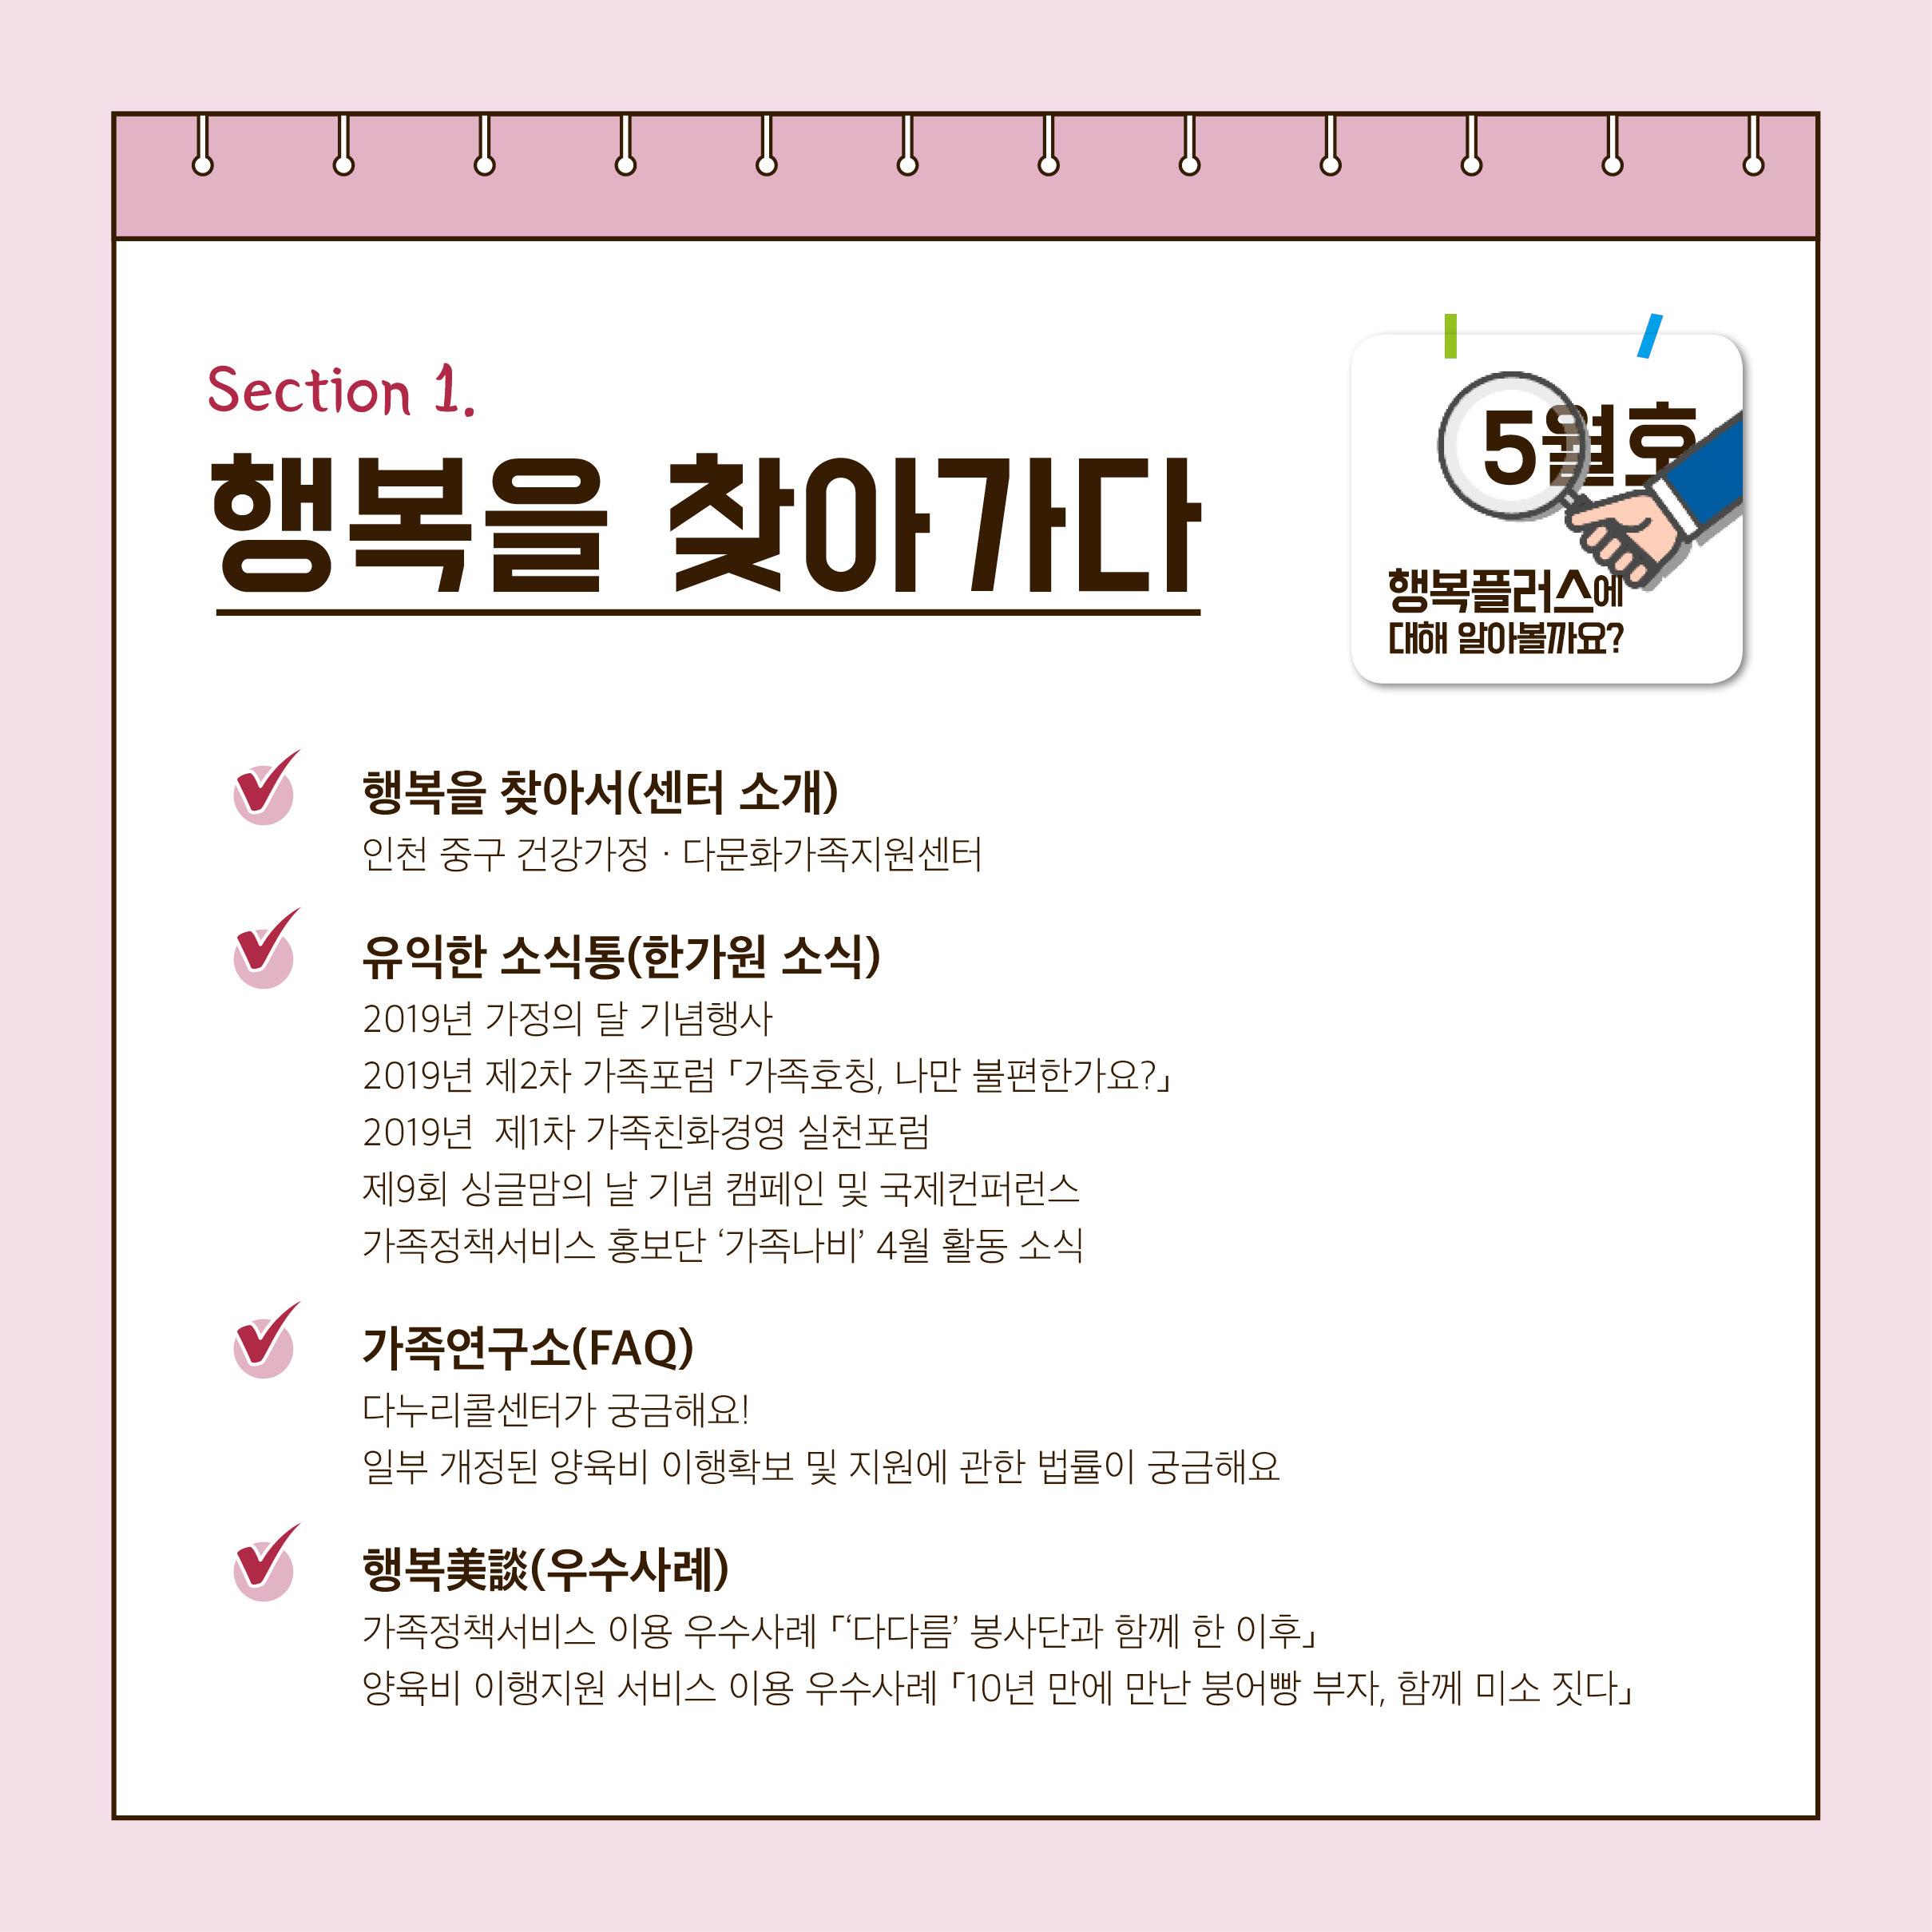 [카드뉴스] 행복플러스 2019년 5월호 발간_2